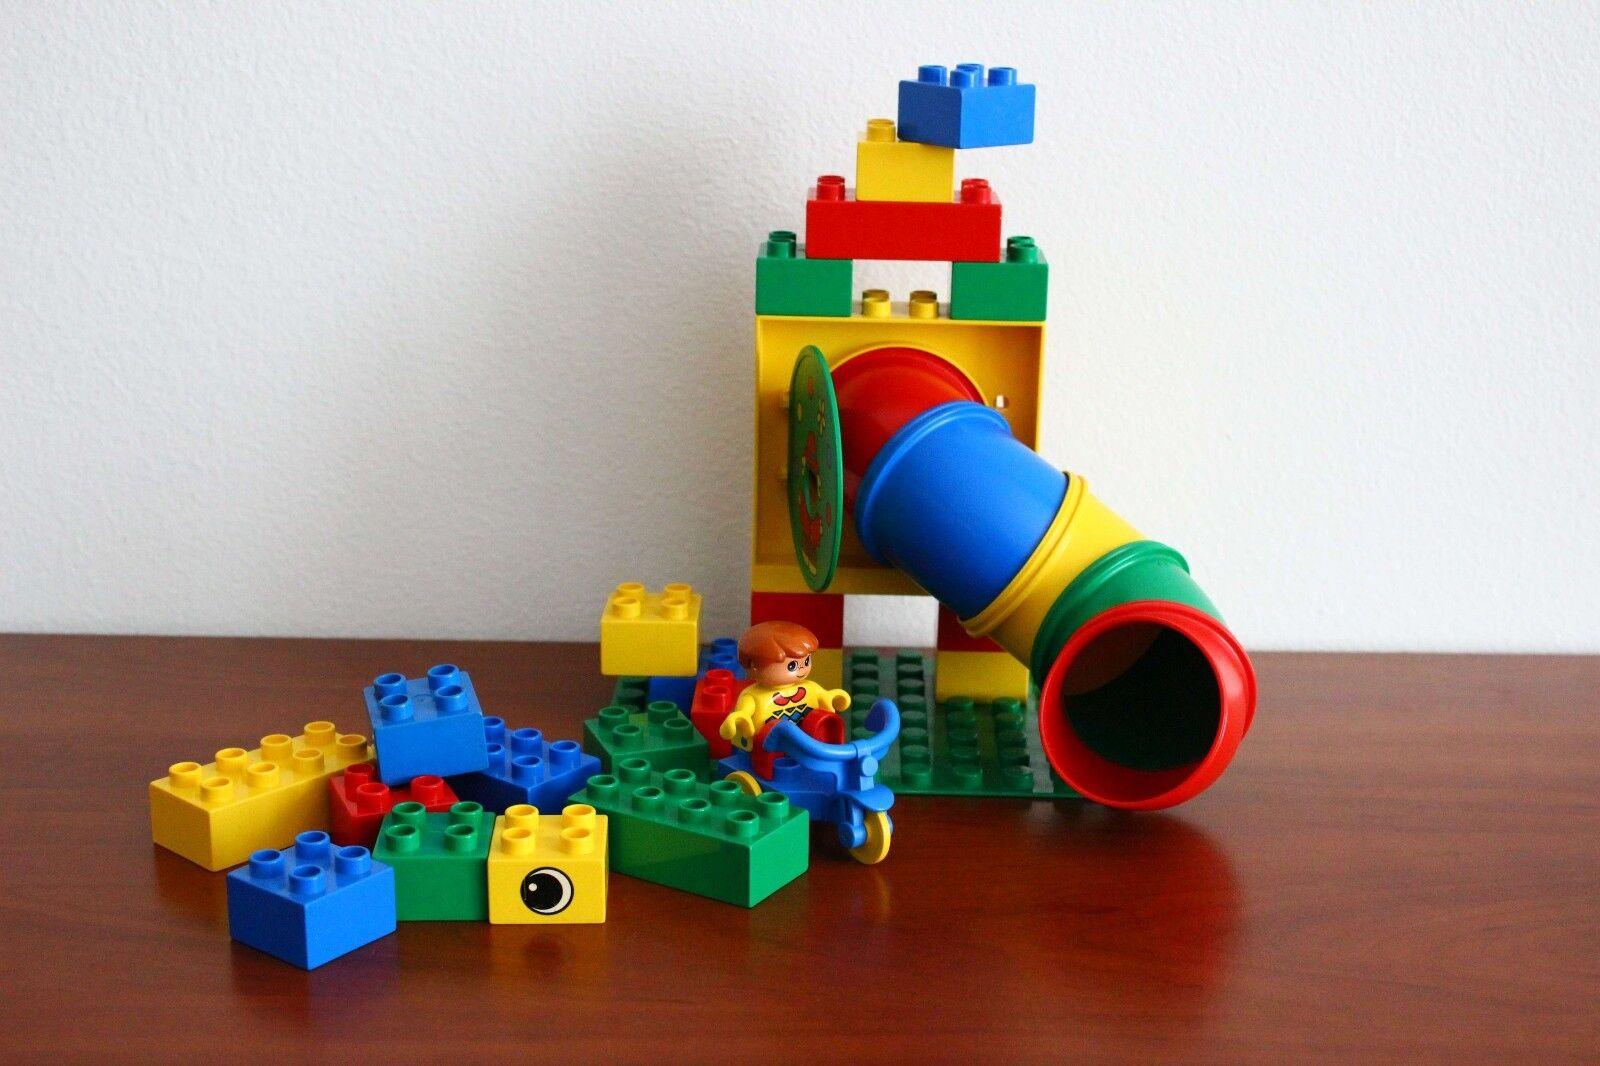 Lego Lego Lego Duplo Basic Set Like 2222-1 Tunnel Fun Free Shipping a879b7